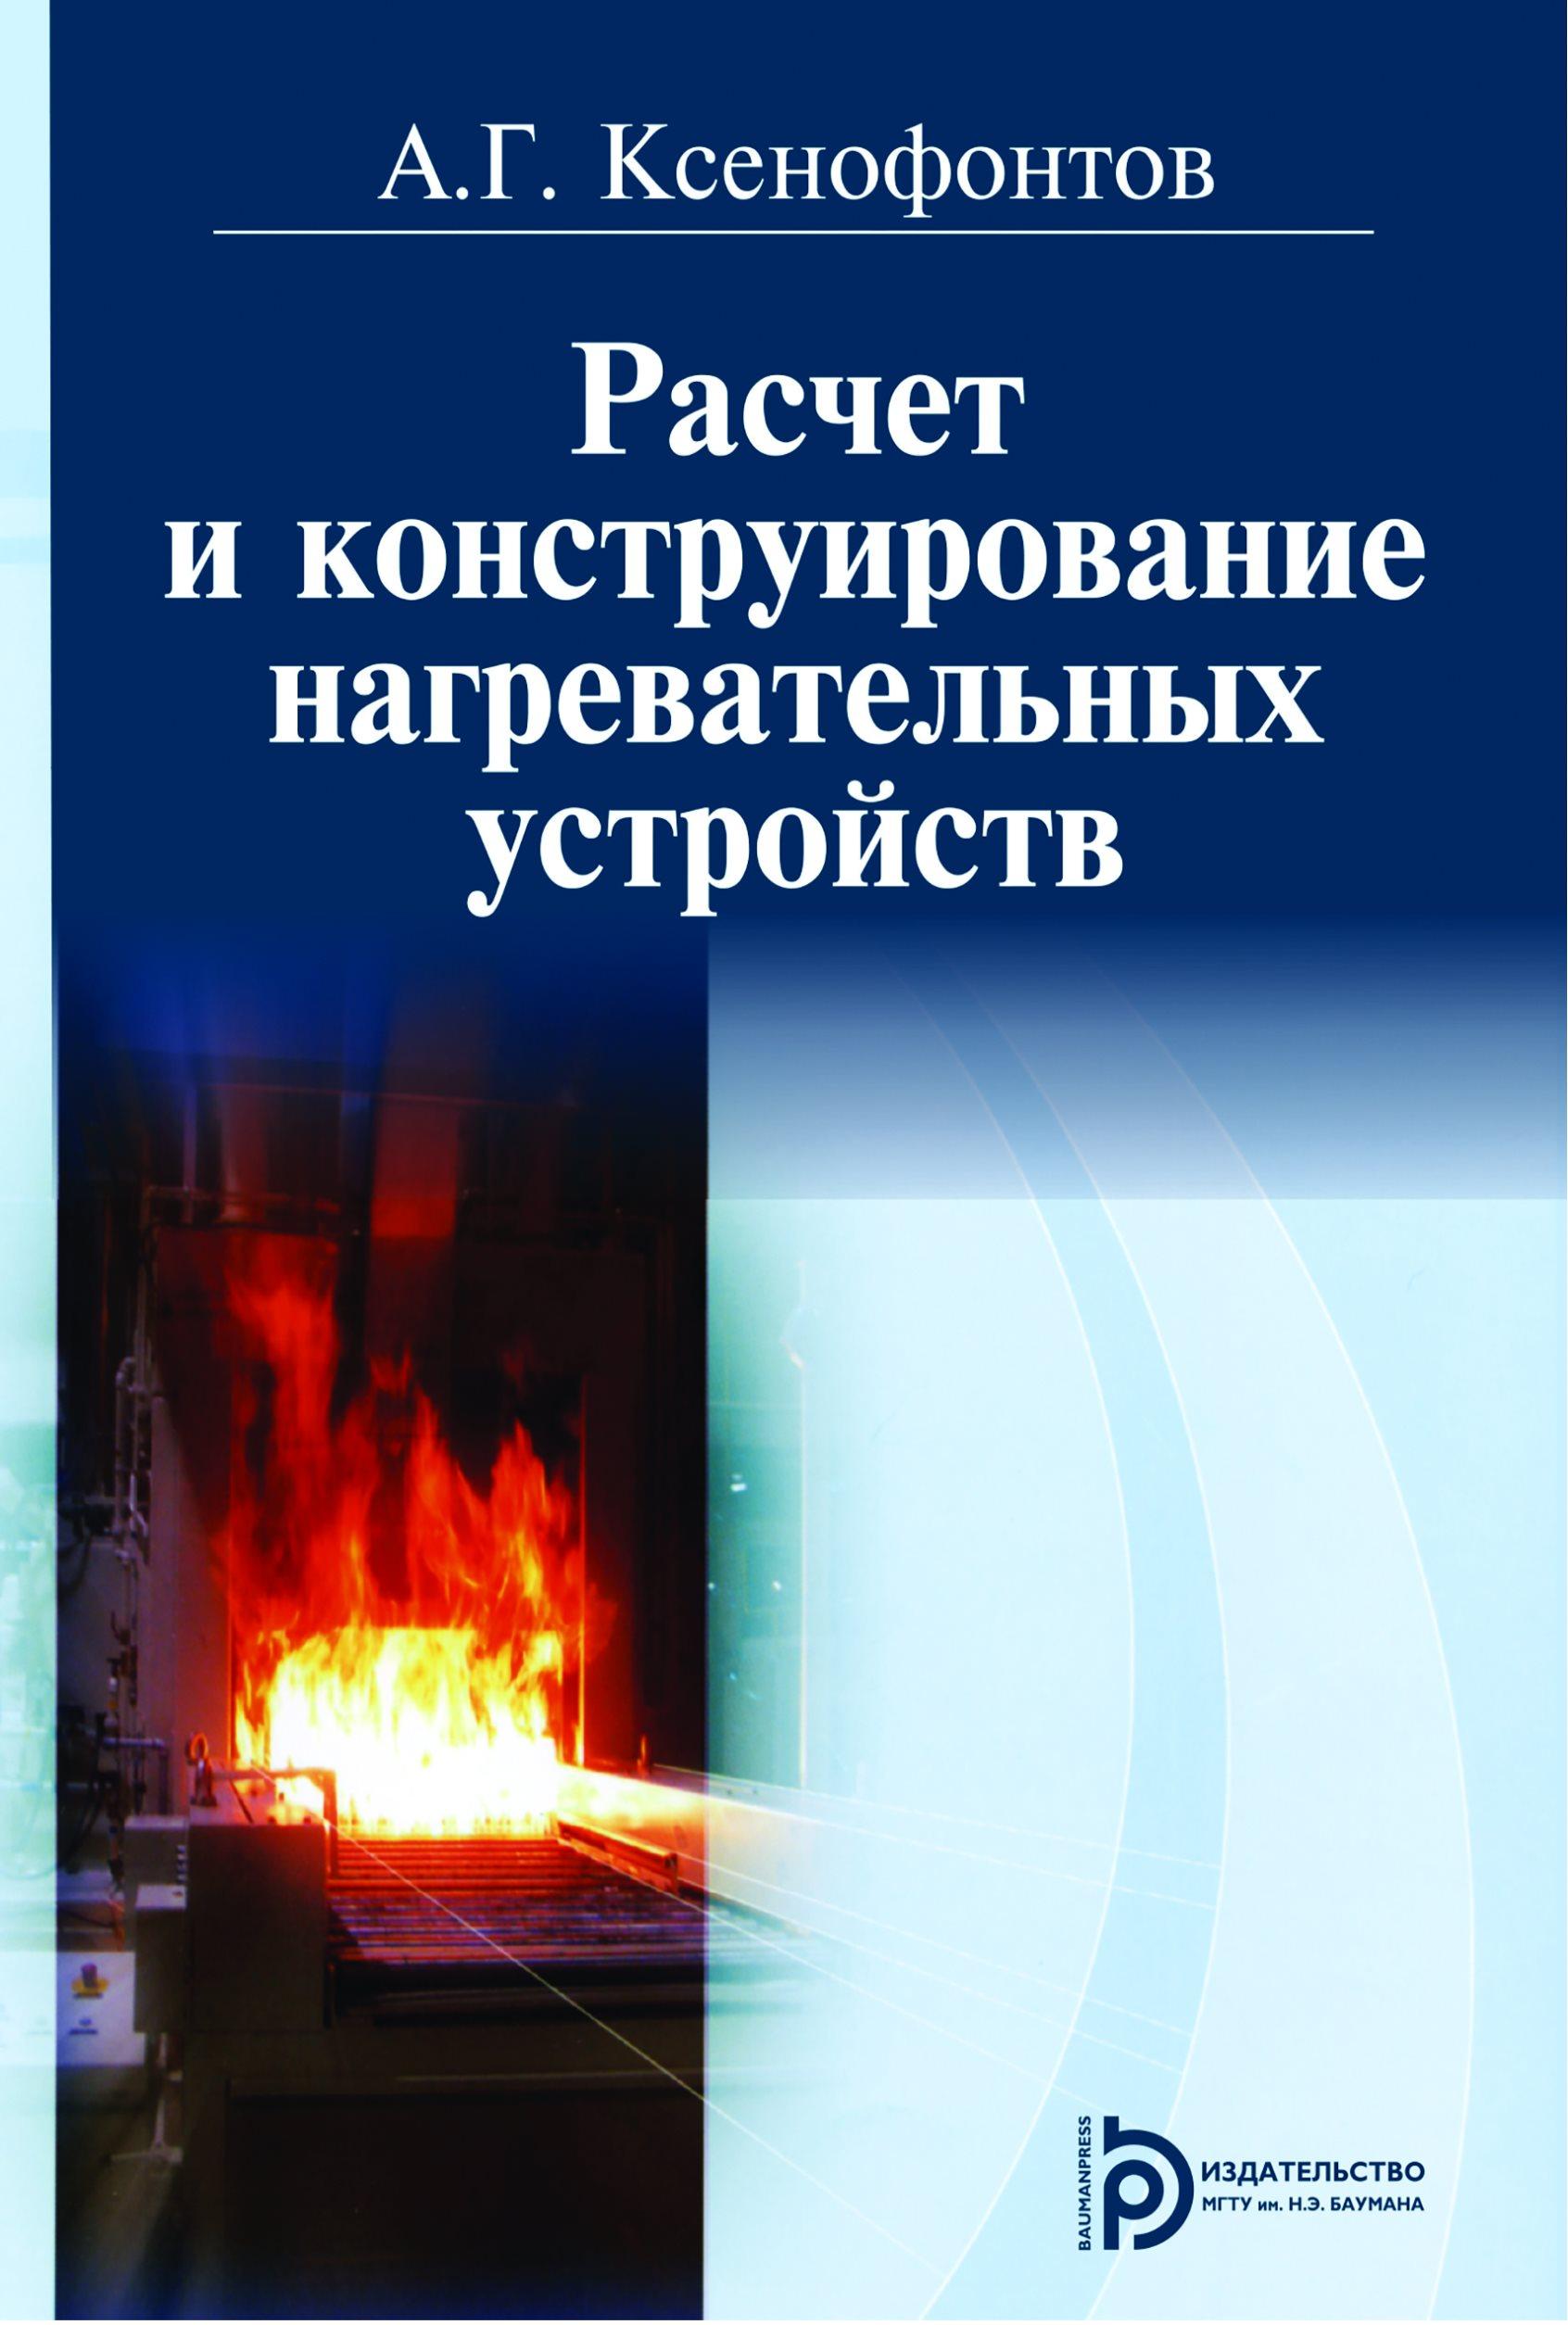 все цены на Александр Ксенофонтов Расчет и конструирование нагревательных устройств онлайн